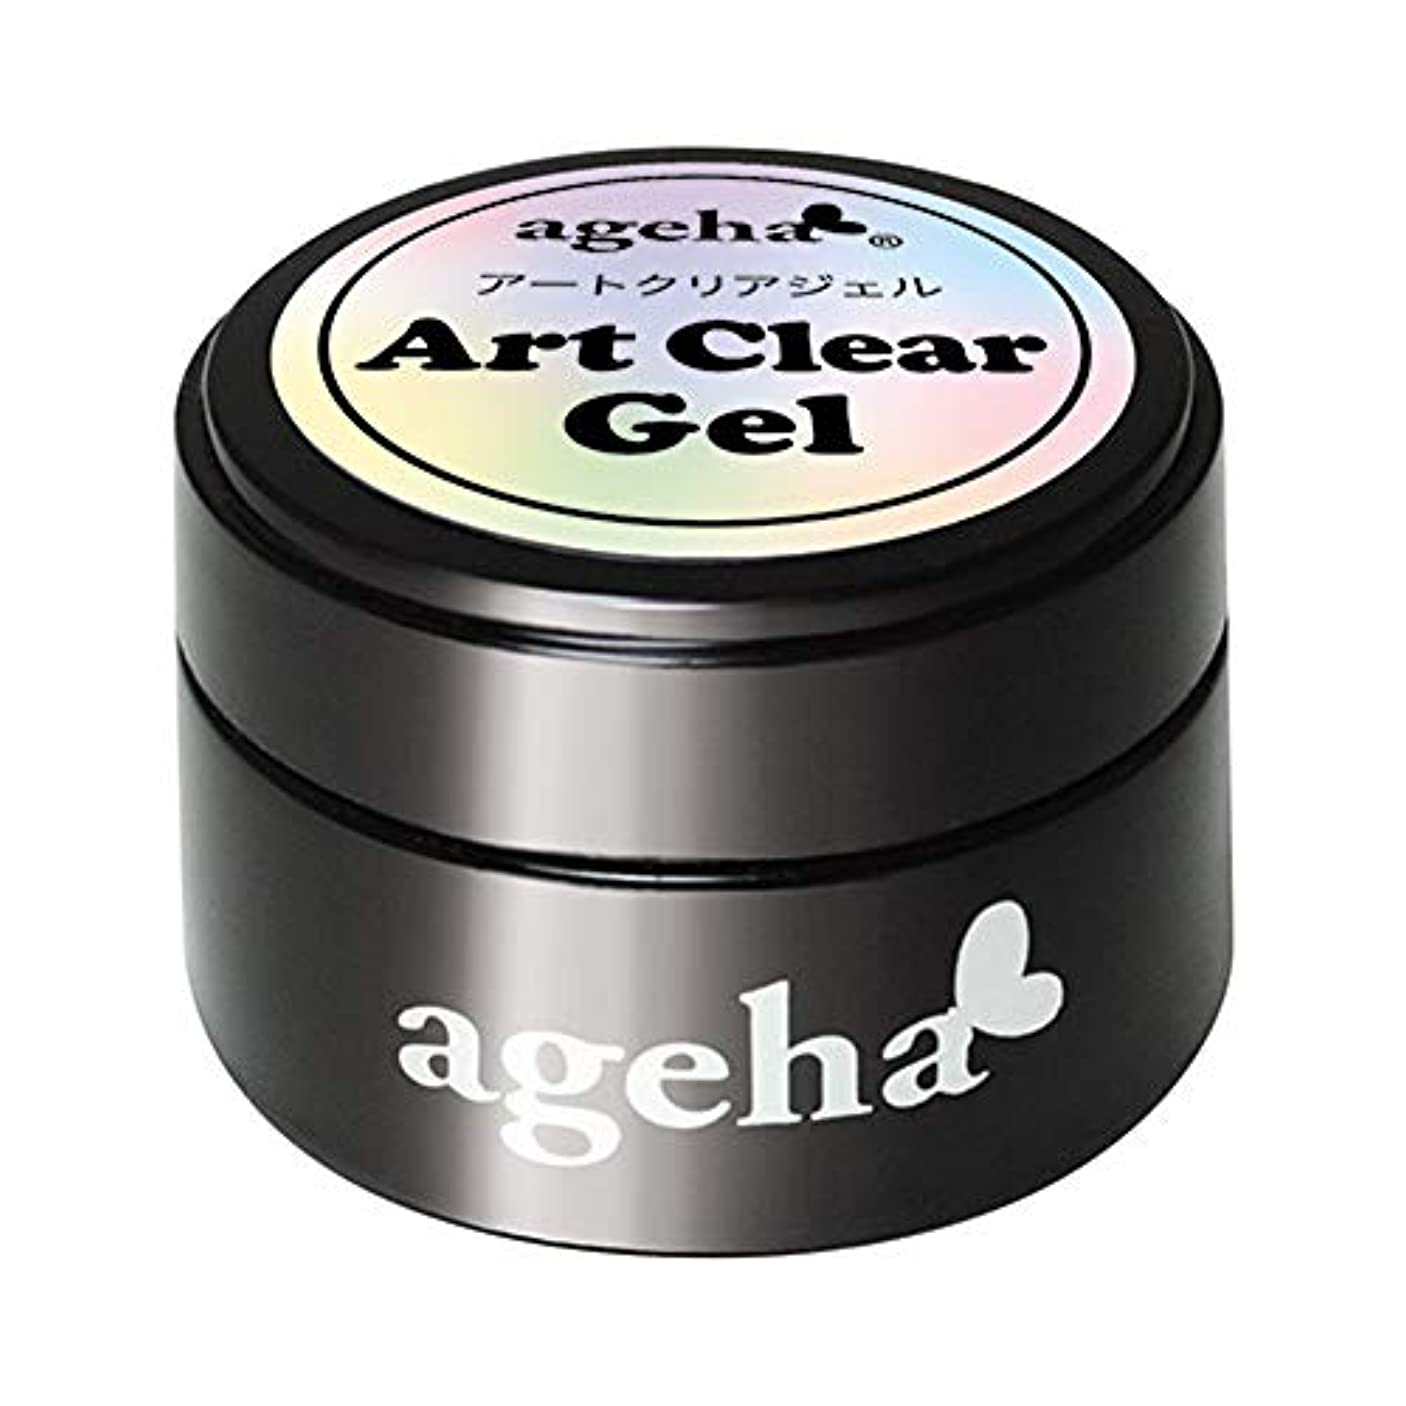 思春期ホイスト支給ageha アートクリアジェル 7.5g UV/LED対応